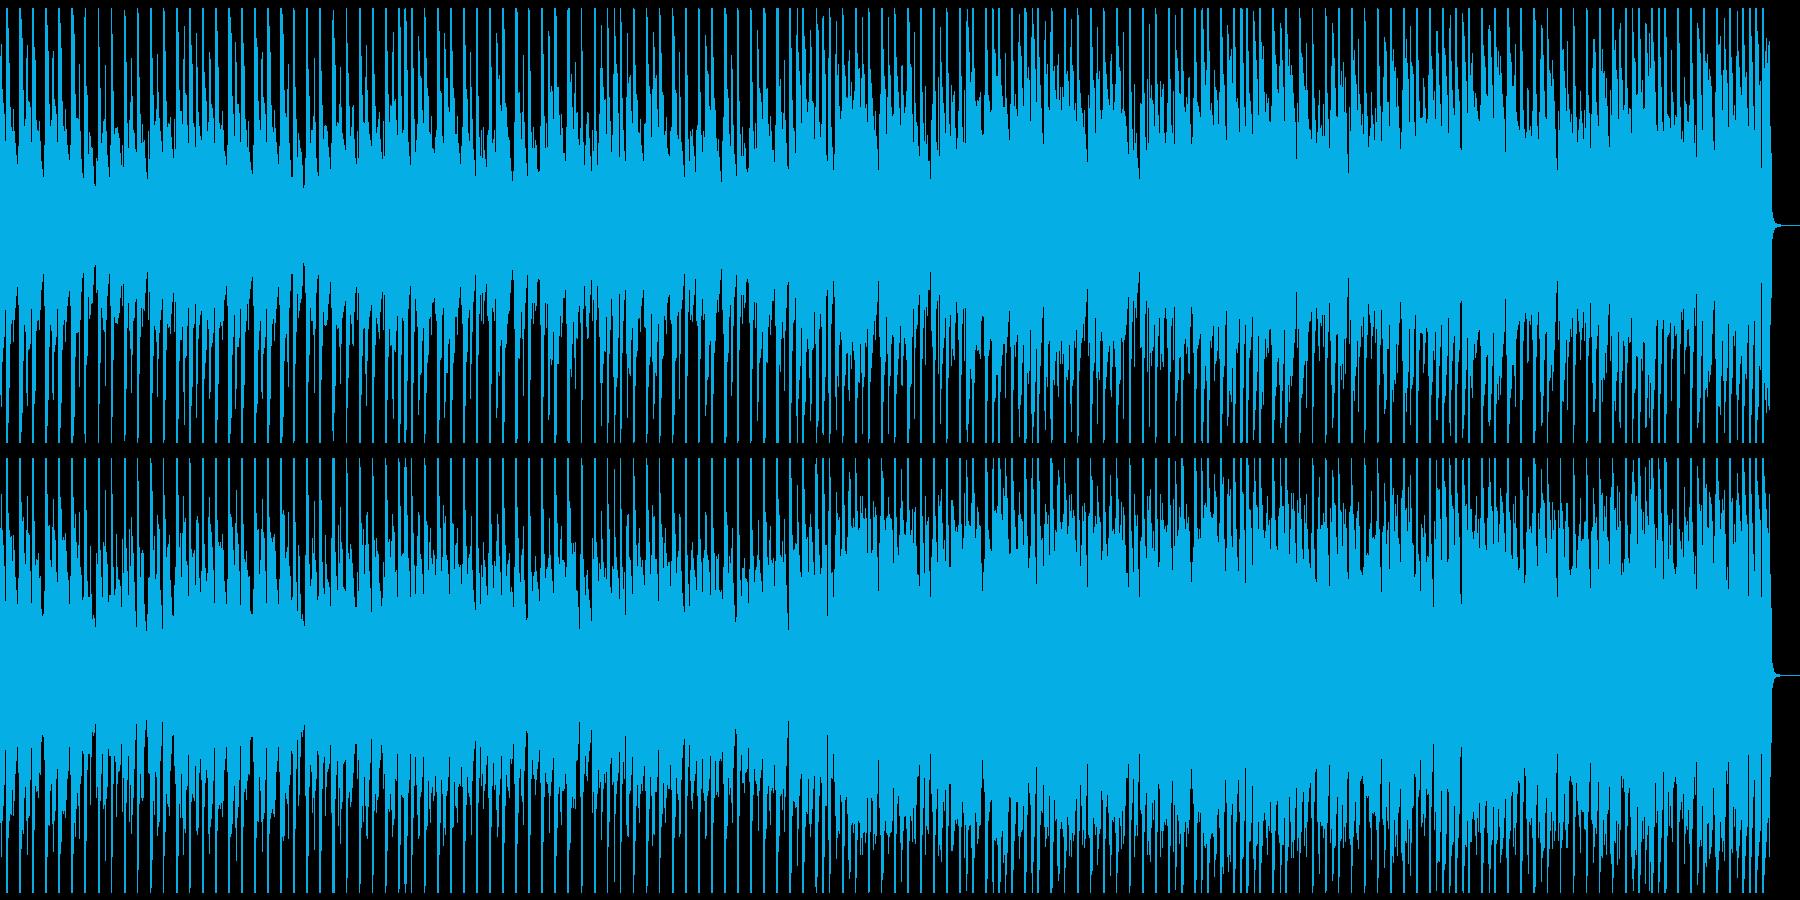 ジングルベル南国風BGMメロ&ドラム抜きの再生済みの波形